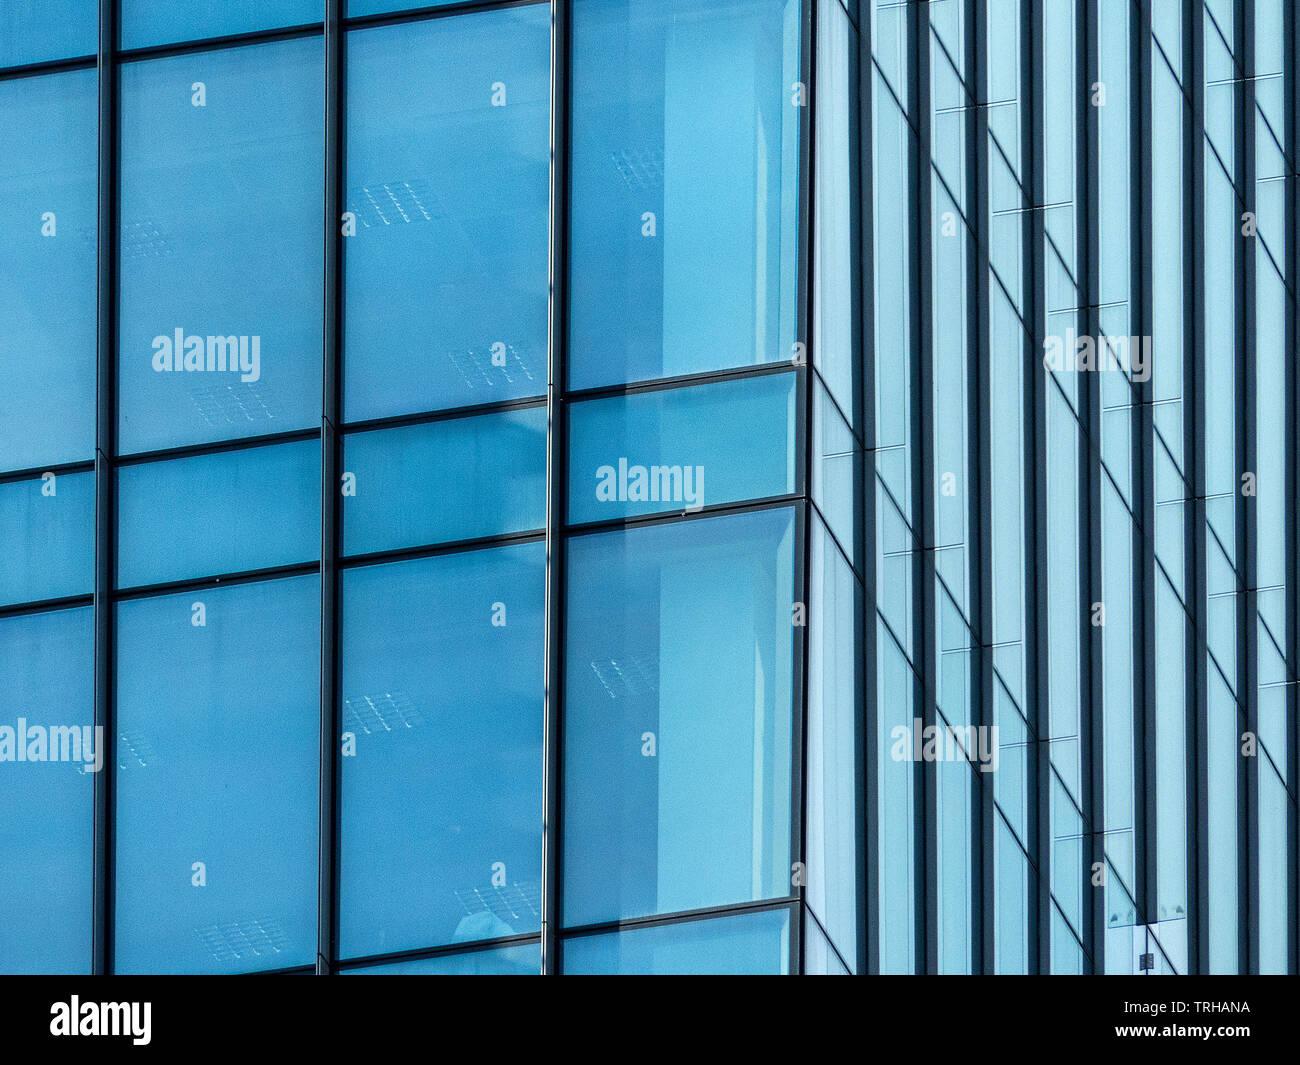 Architektonische abstrakten grafischen Stockfoto